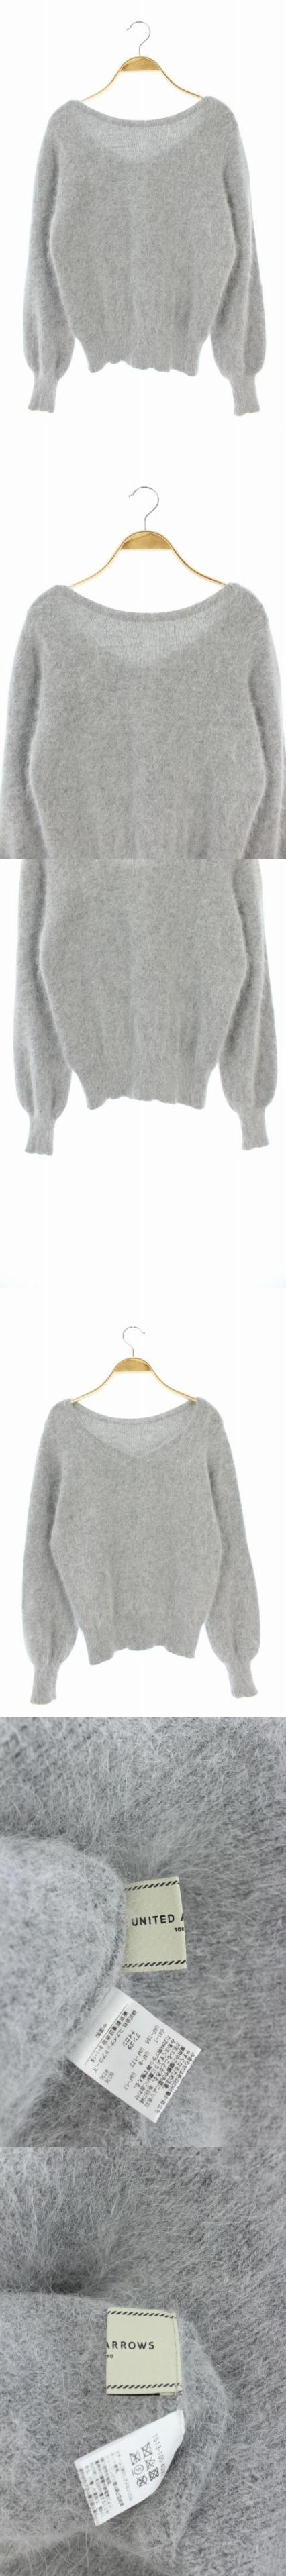 セーター ニット Vネック アンゴラ混 起毛 長袖 グレー /YS ■OS